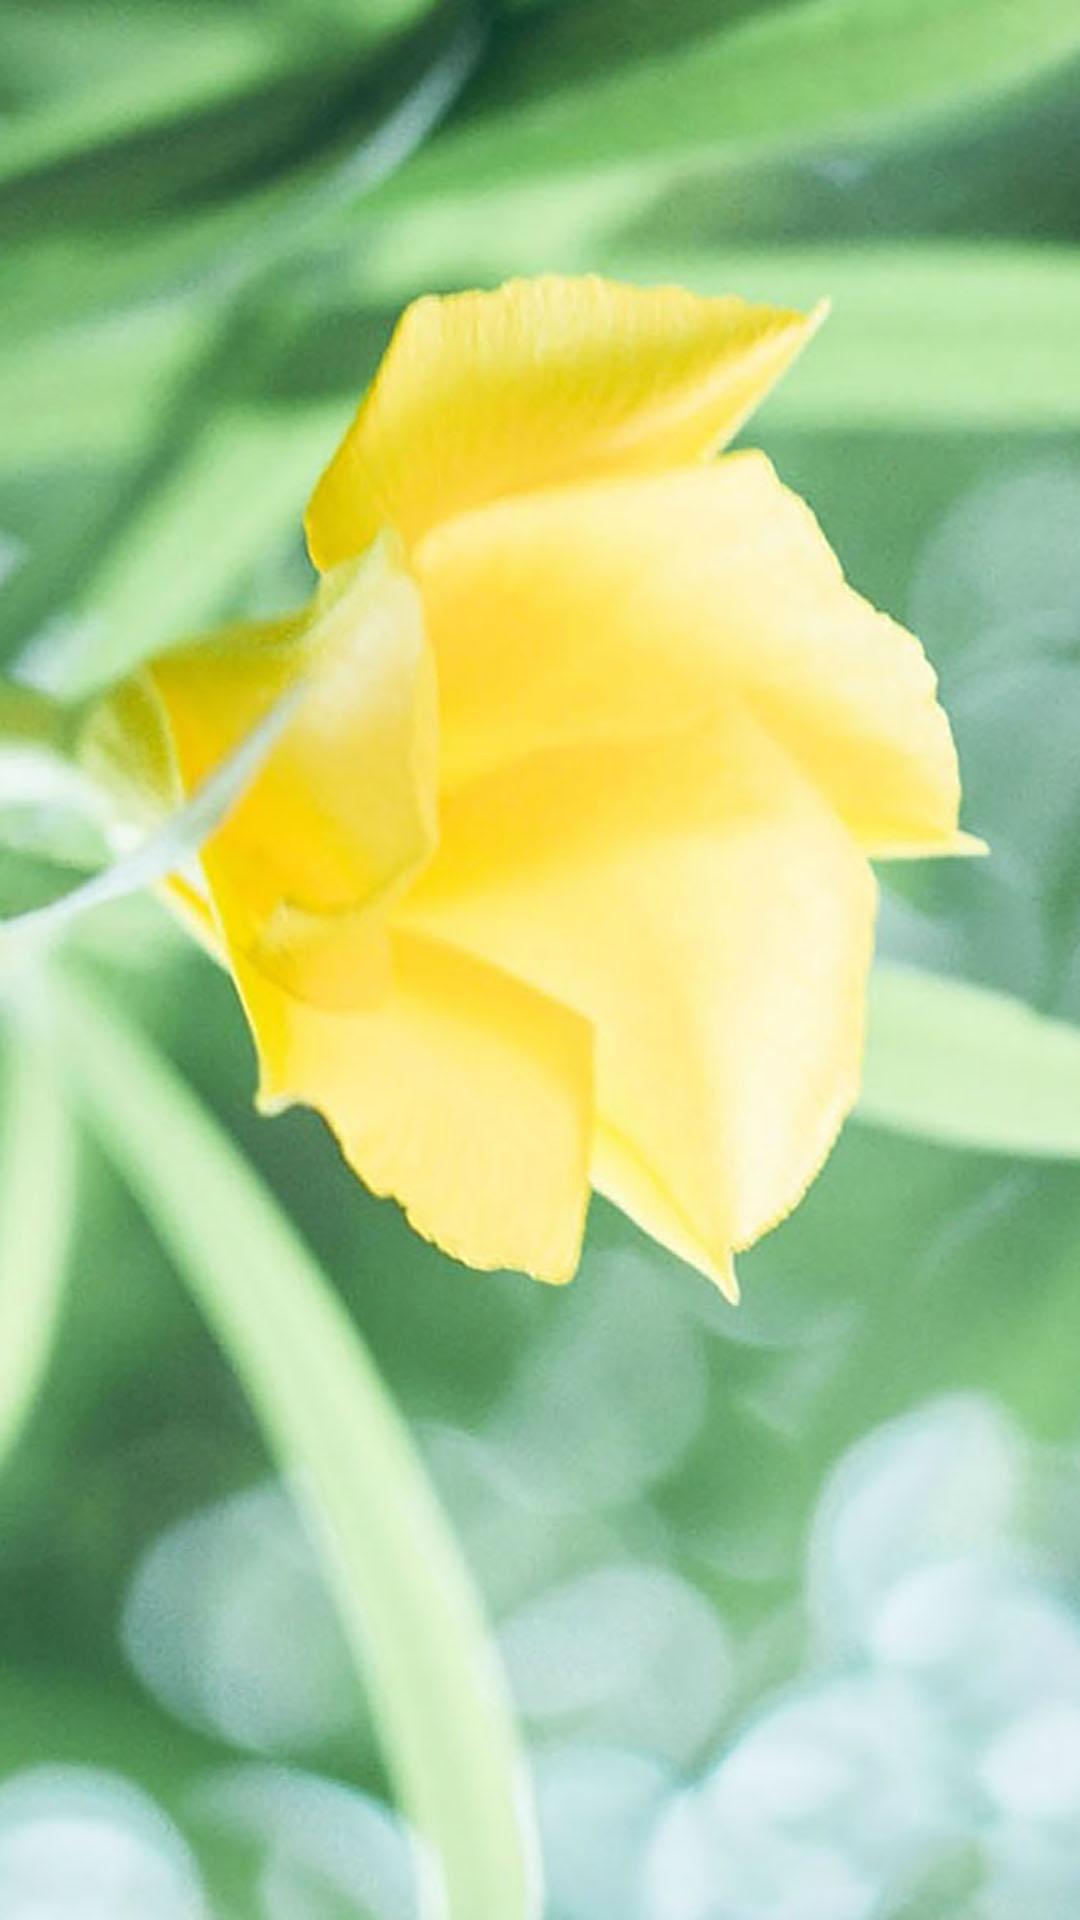 绿色系唯美小清新植物摄影高清无水印苹果手机锁屏壁纸